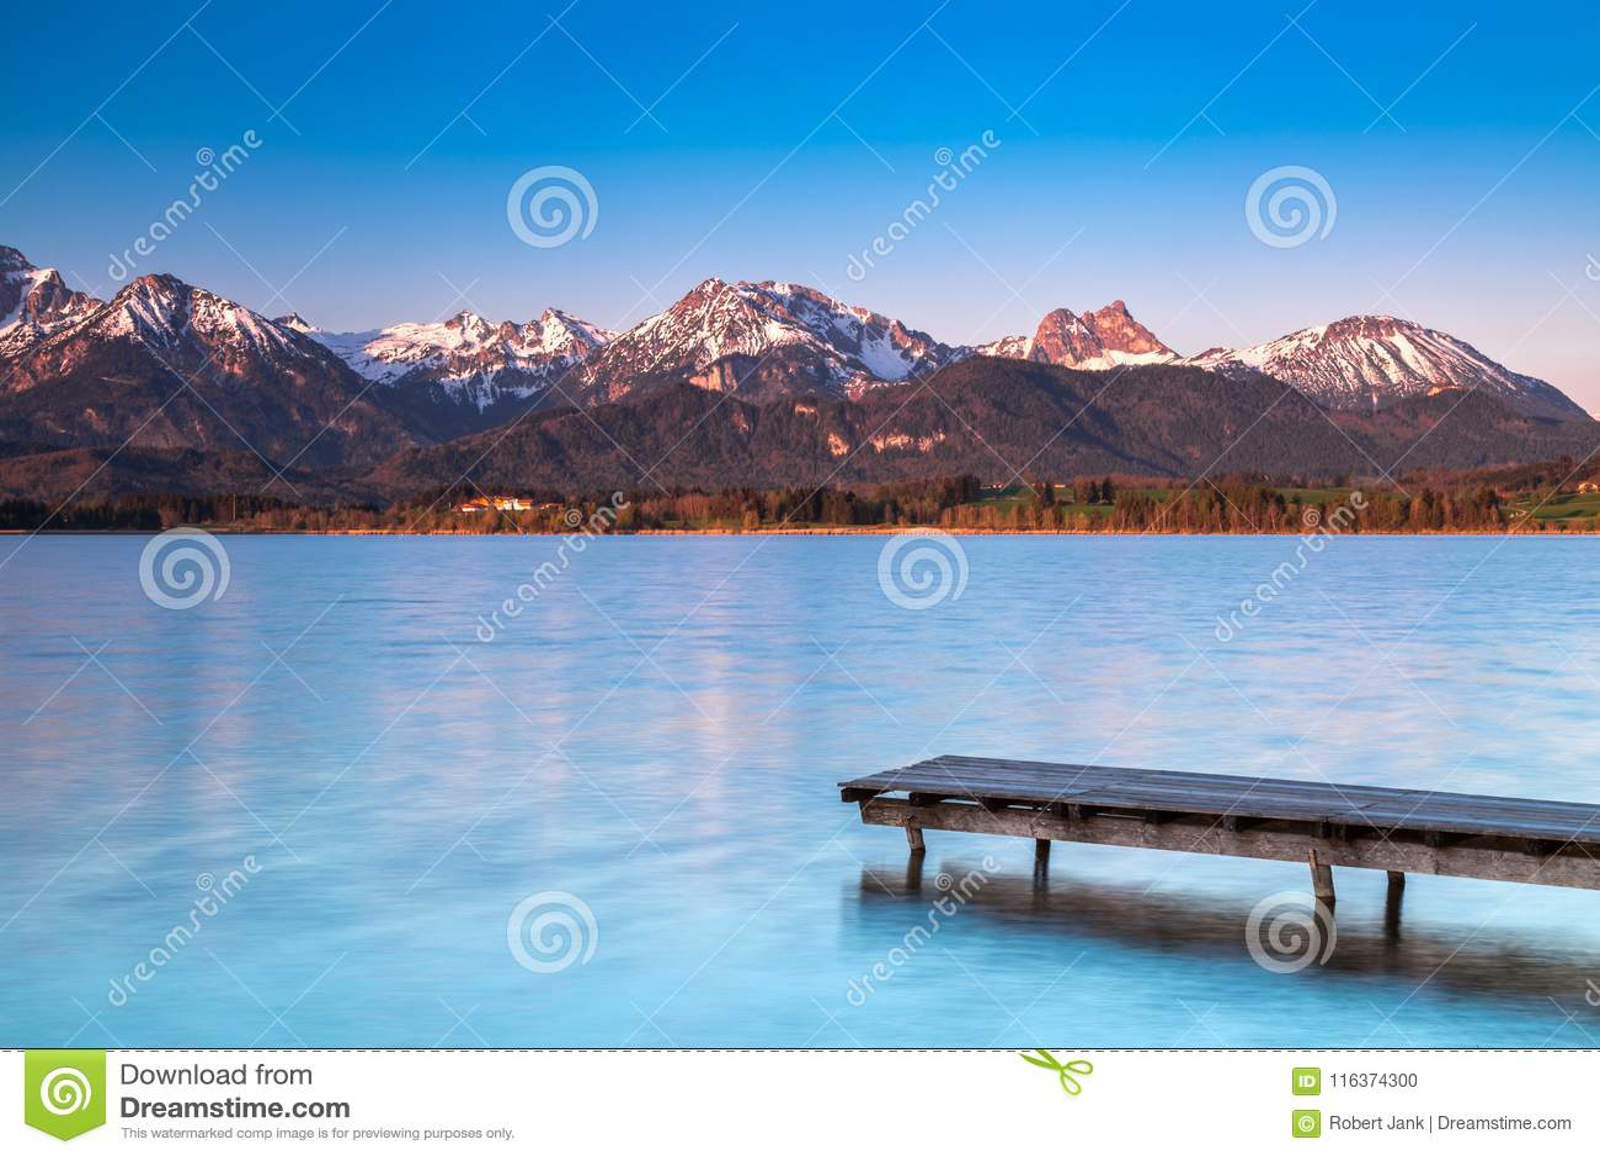 Alba y salida del sol en el lago Hopfensee